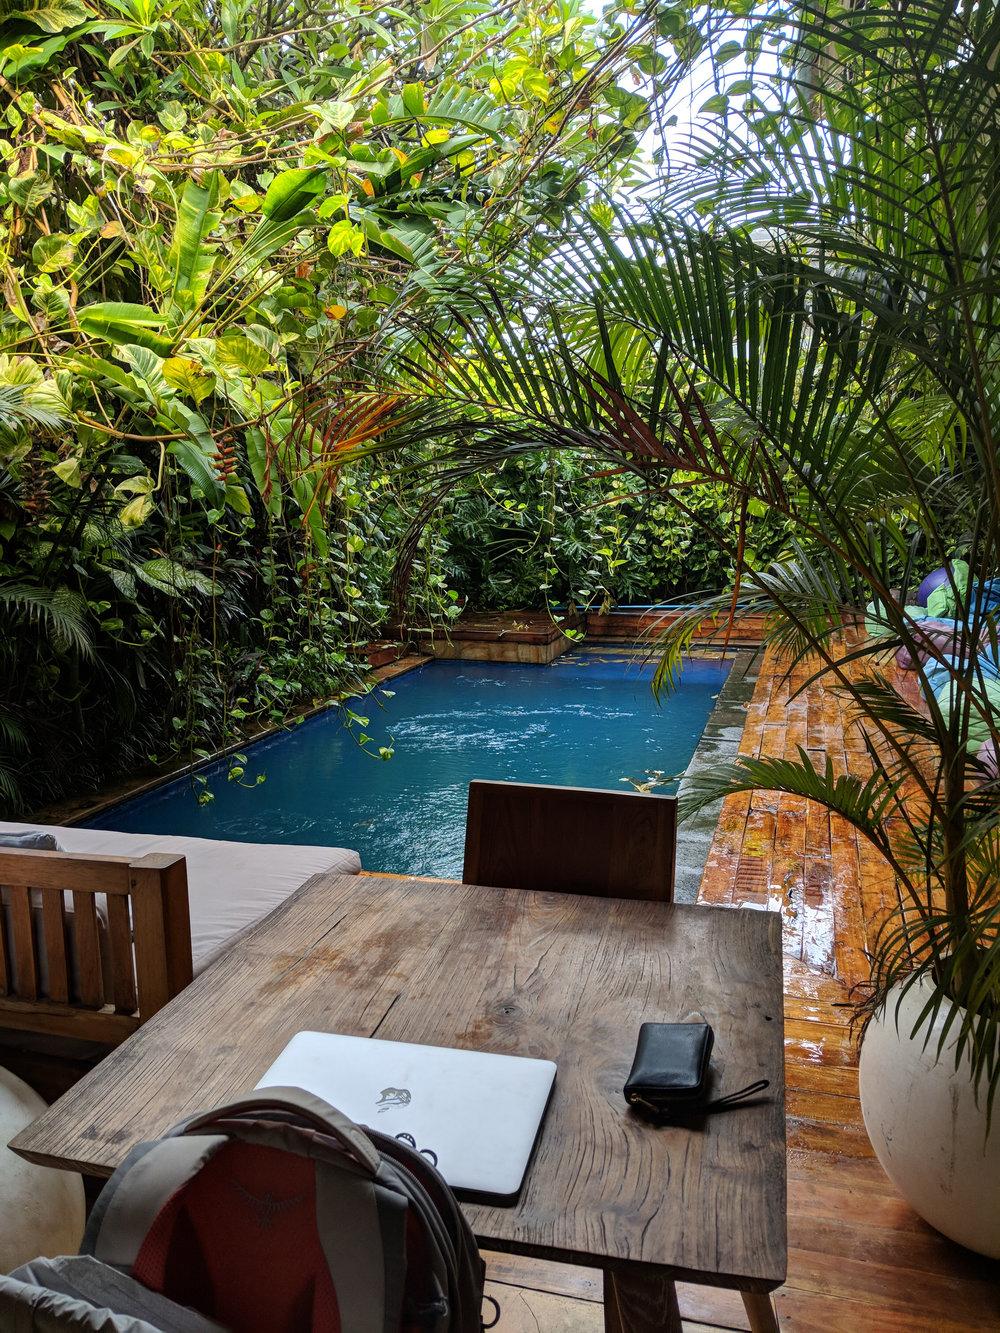 Dojo pool and desk